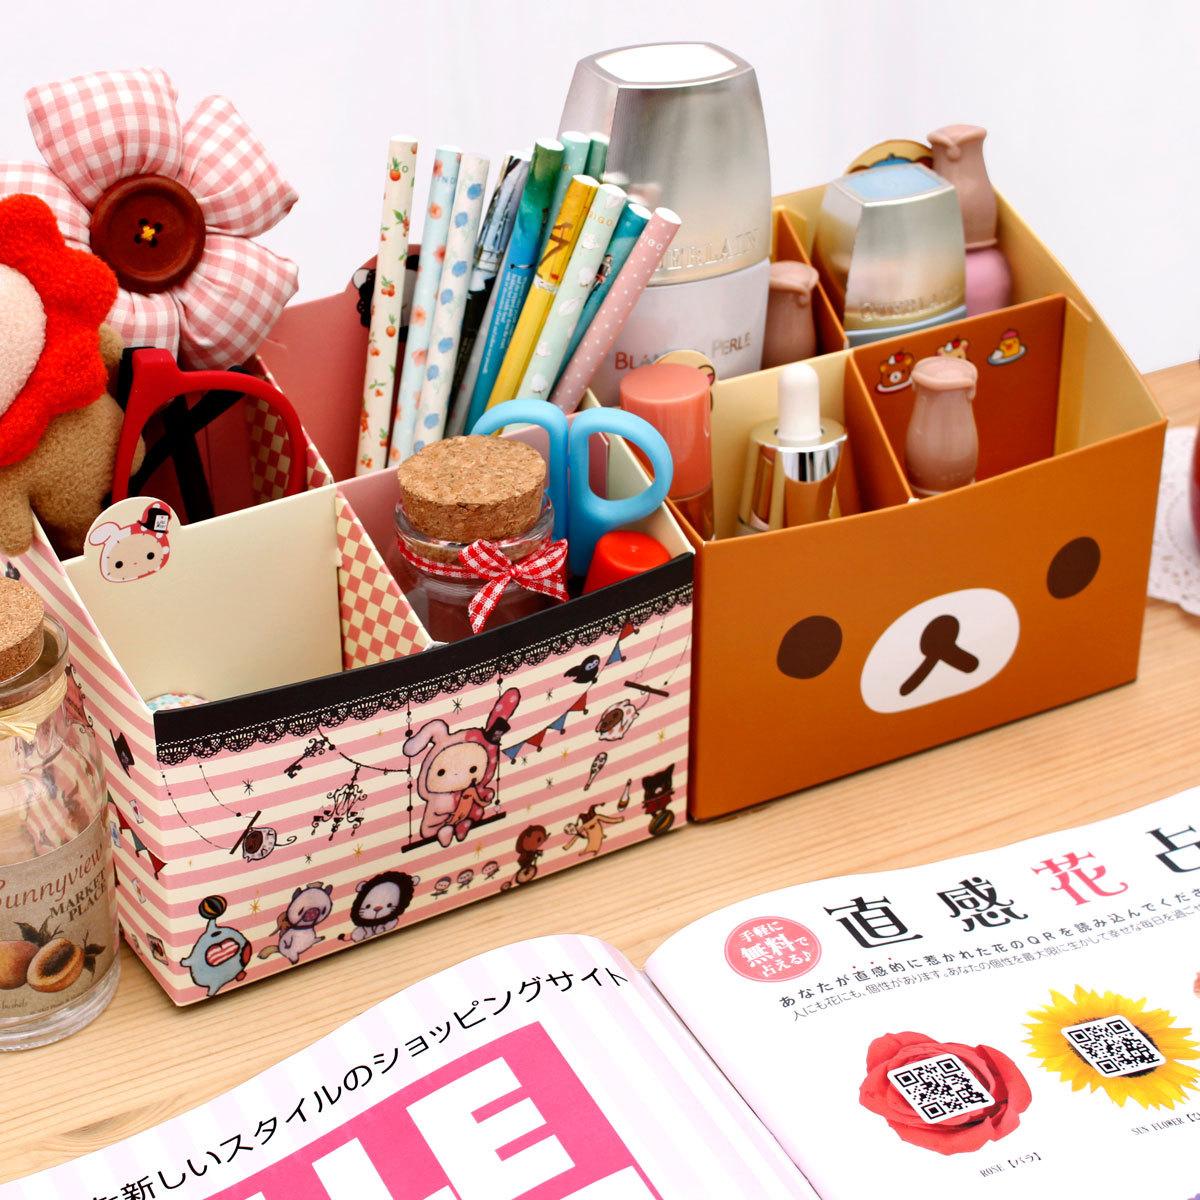 Коробка для хранения вещей Энн Южной Кореи Канцтовары мило DIY медведь четыре бумаги Обои консолидации хранения поле/ручка держатель k212